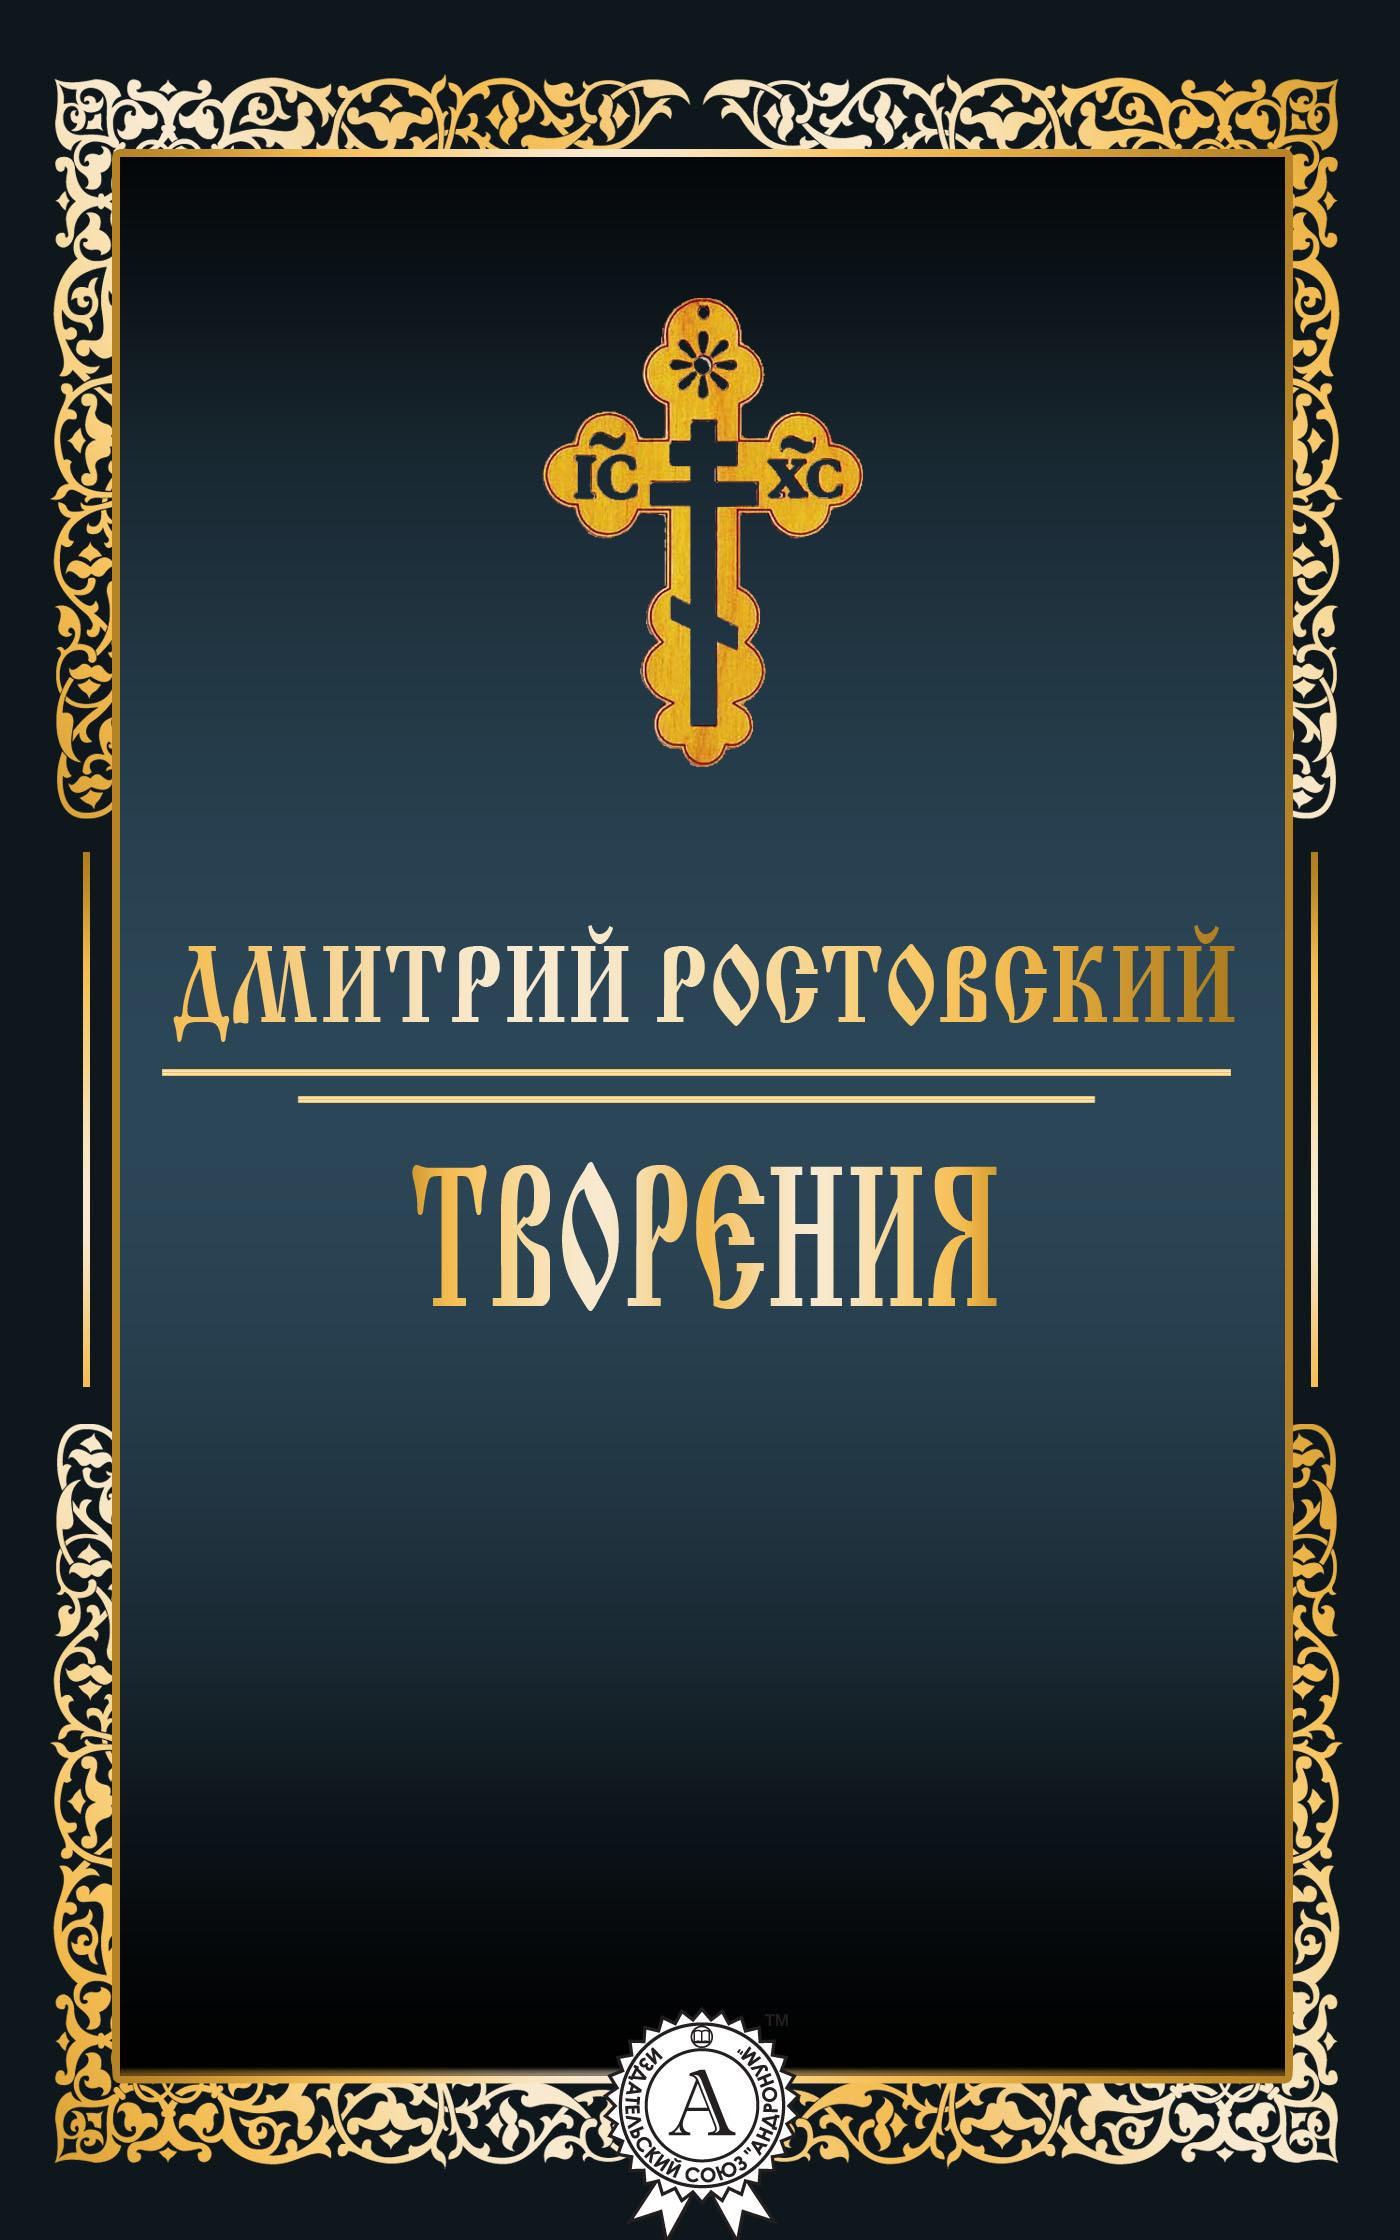 Дмитрий Ростовский «Творения»